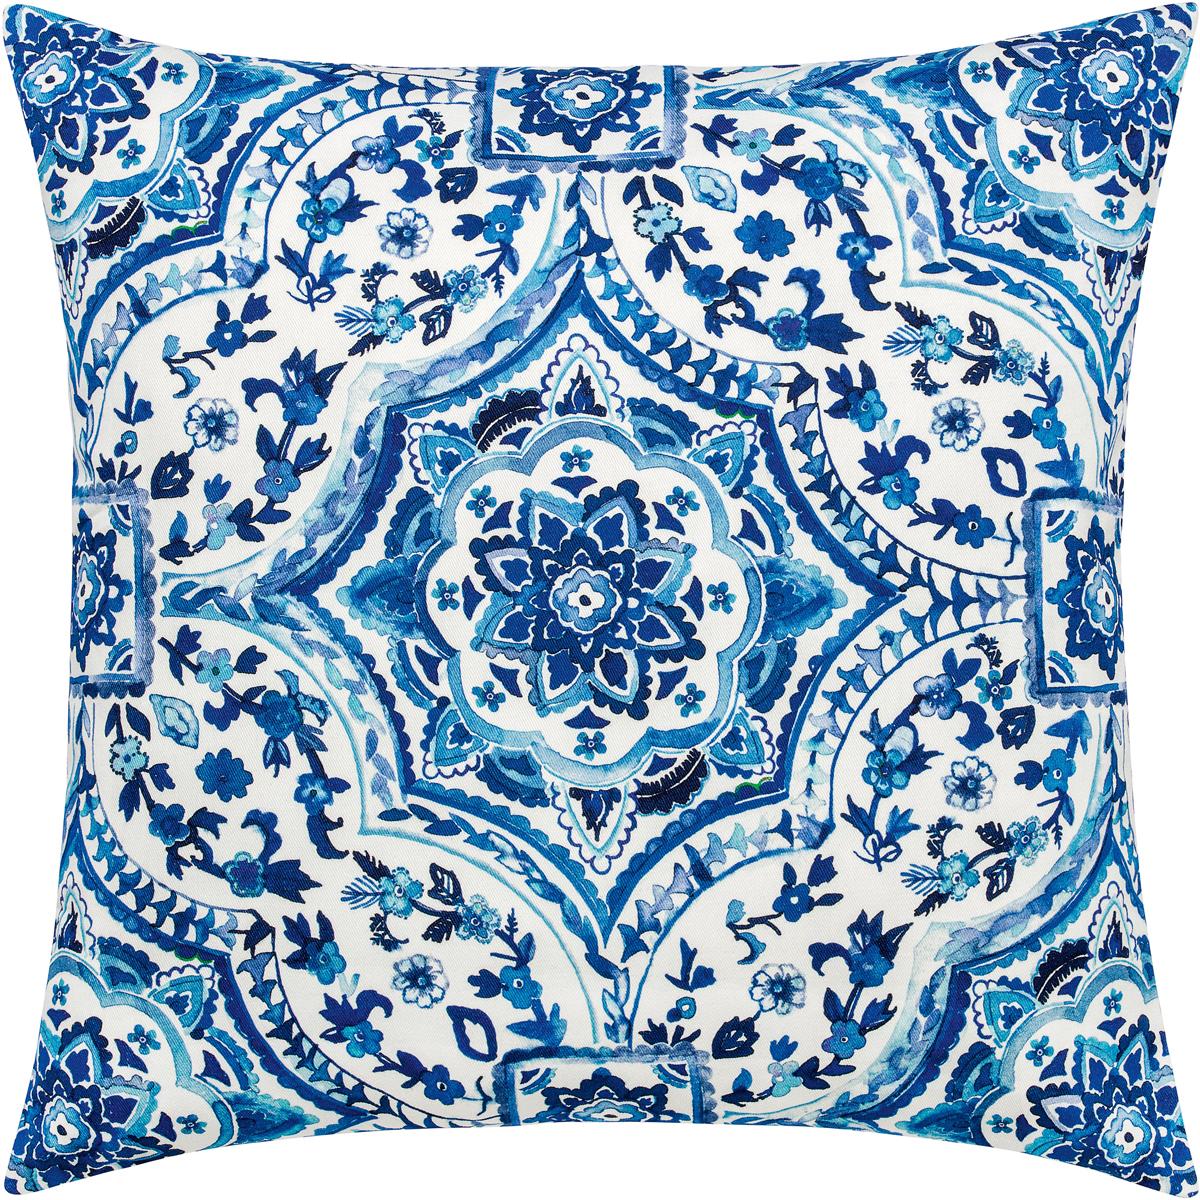 Подушка декоративная Togas Марселла, цвет: голубой, 45 х 45 см40.16.70.0298Декоративная подушка Марселла. Цвет: голубой.Состав: 100% хлопок/80% полиэстер/20% хлопок/100% полиэстер. Комплектация: декоративная наволочка - 1, декоративная подушка - 1. Размер: 45 x 45 см. Уход: может применяться машинная стирка при температере не выше 30 C. Не отбеливать. Гладить не более 150 C. Сухая чистка. Сушка при низкой температуре.